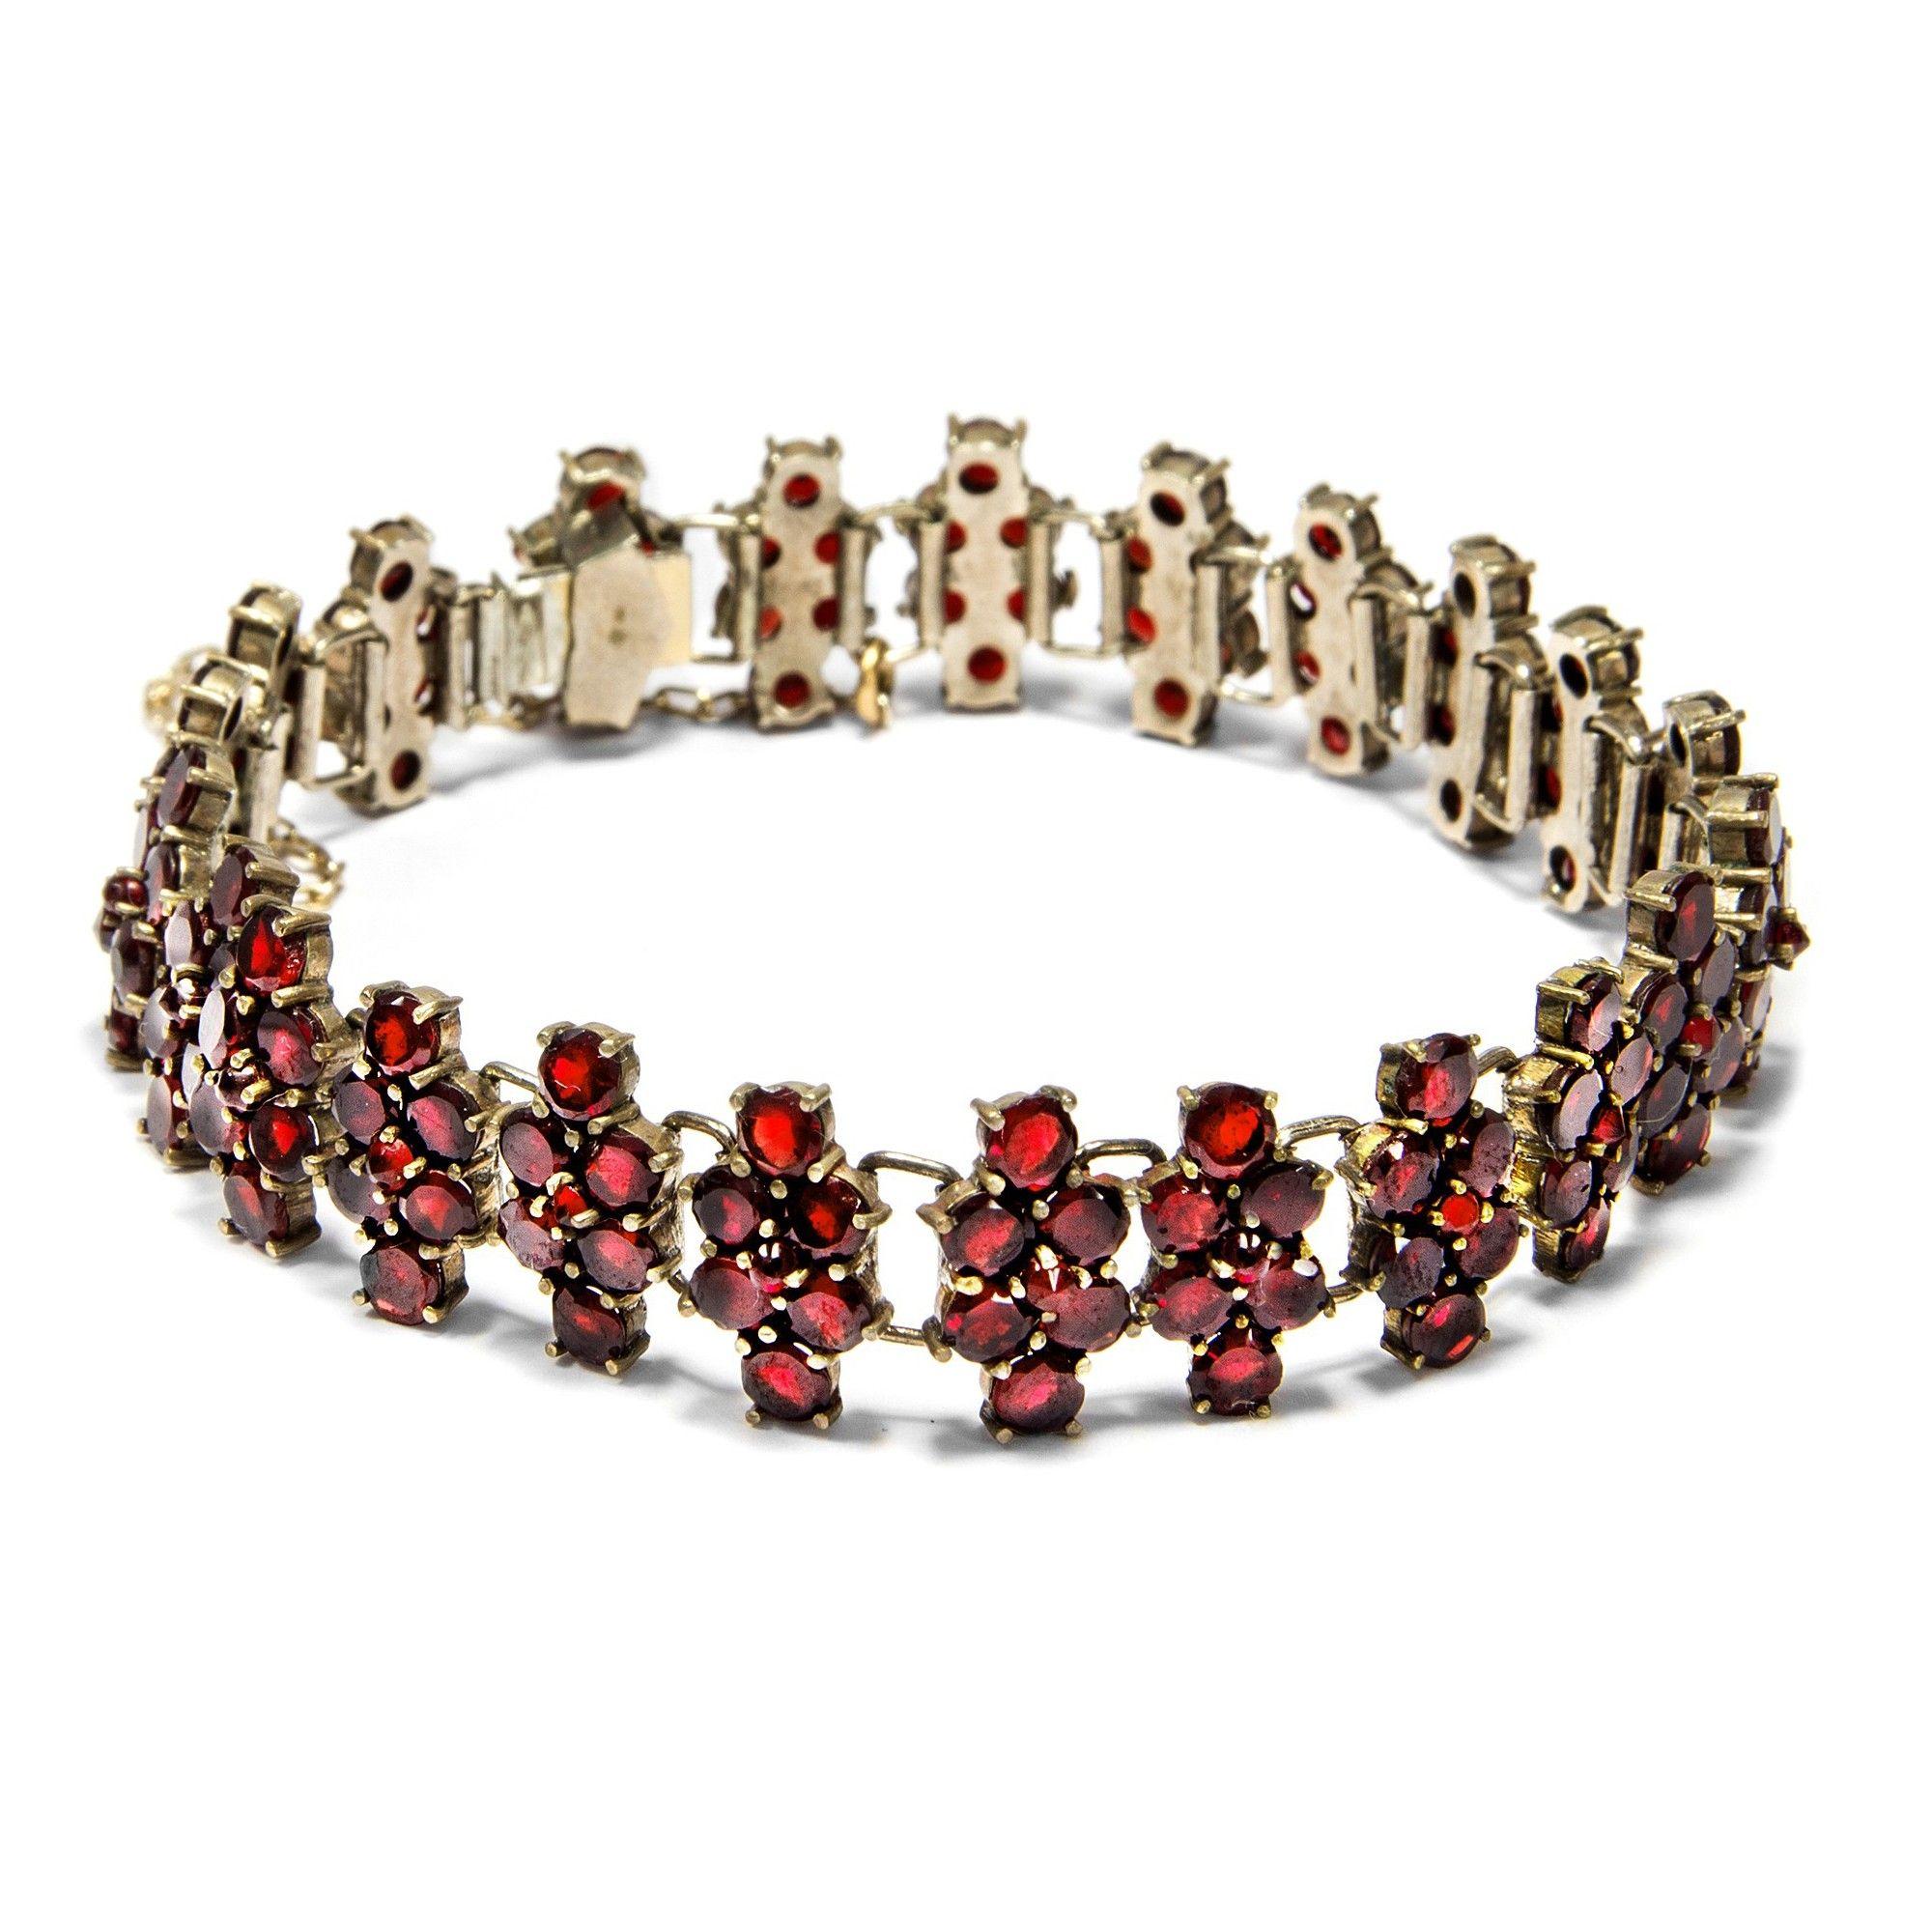 Aus Böhmen kommt die Musik – und der Granat - Antikes Armband aus böhmischen Granaten, um 1930 von Hofer Antikschmuck aus Berlin // #hoferantikschmuck #antik #schmuck #antique #jewellery #jewelry